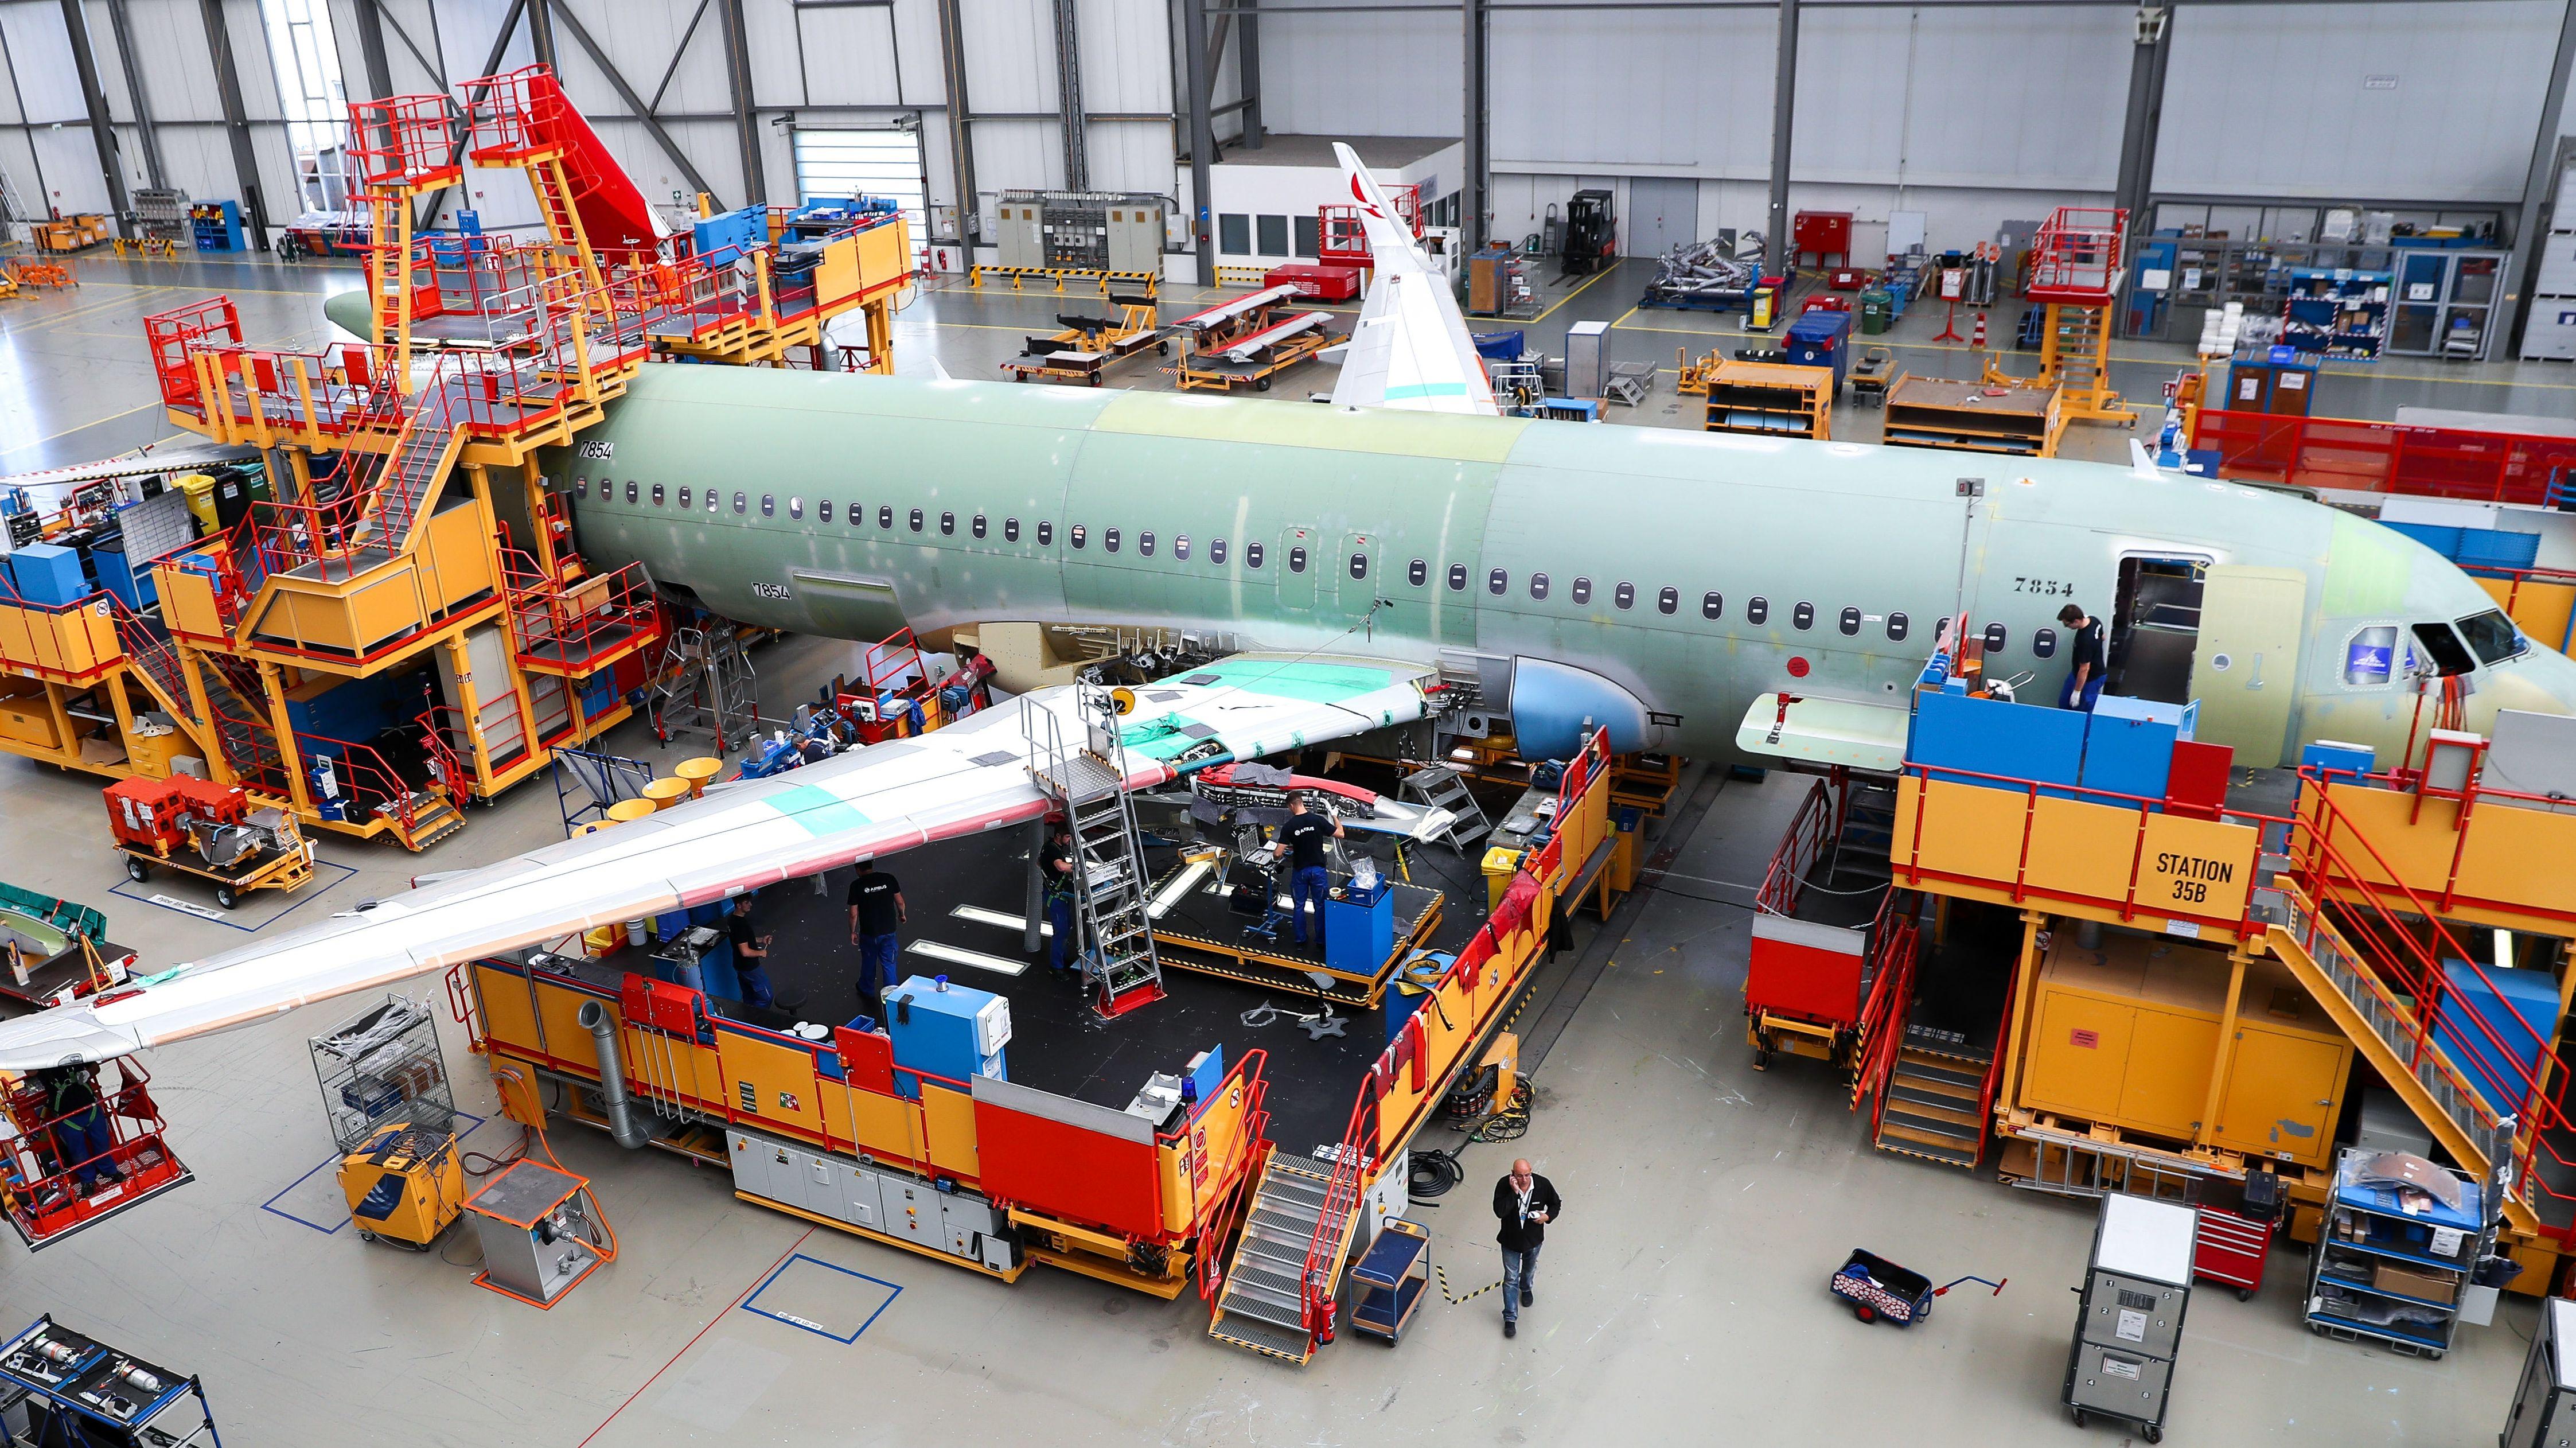 Airbusbeschäftigte im Werk Hamburg-Finkenwerder in der Endmontagelinie der Airbus A320 Familie.